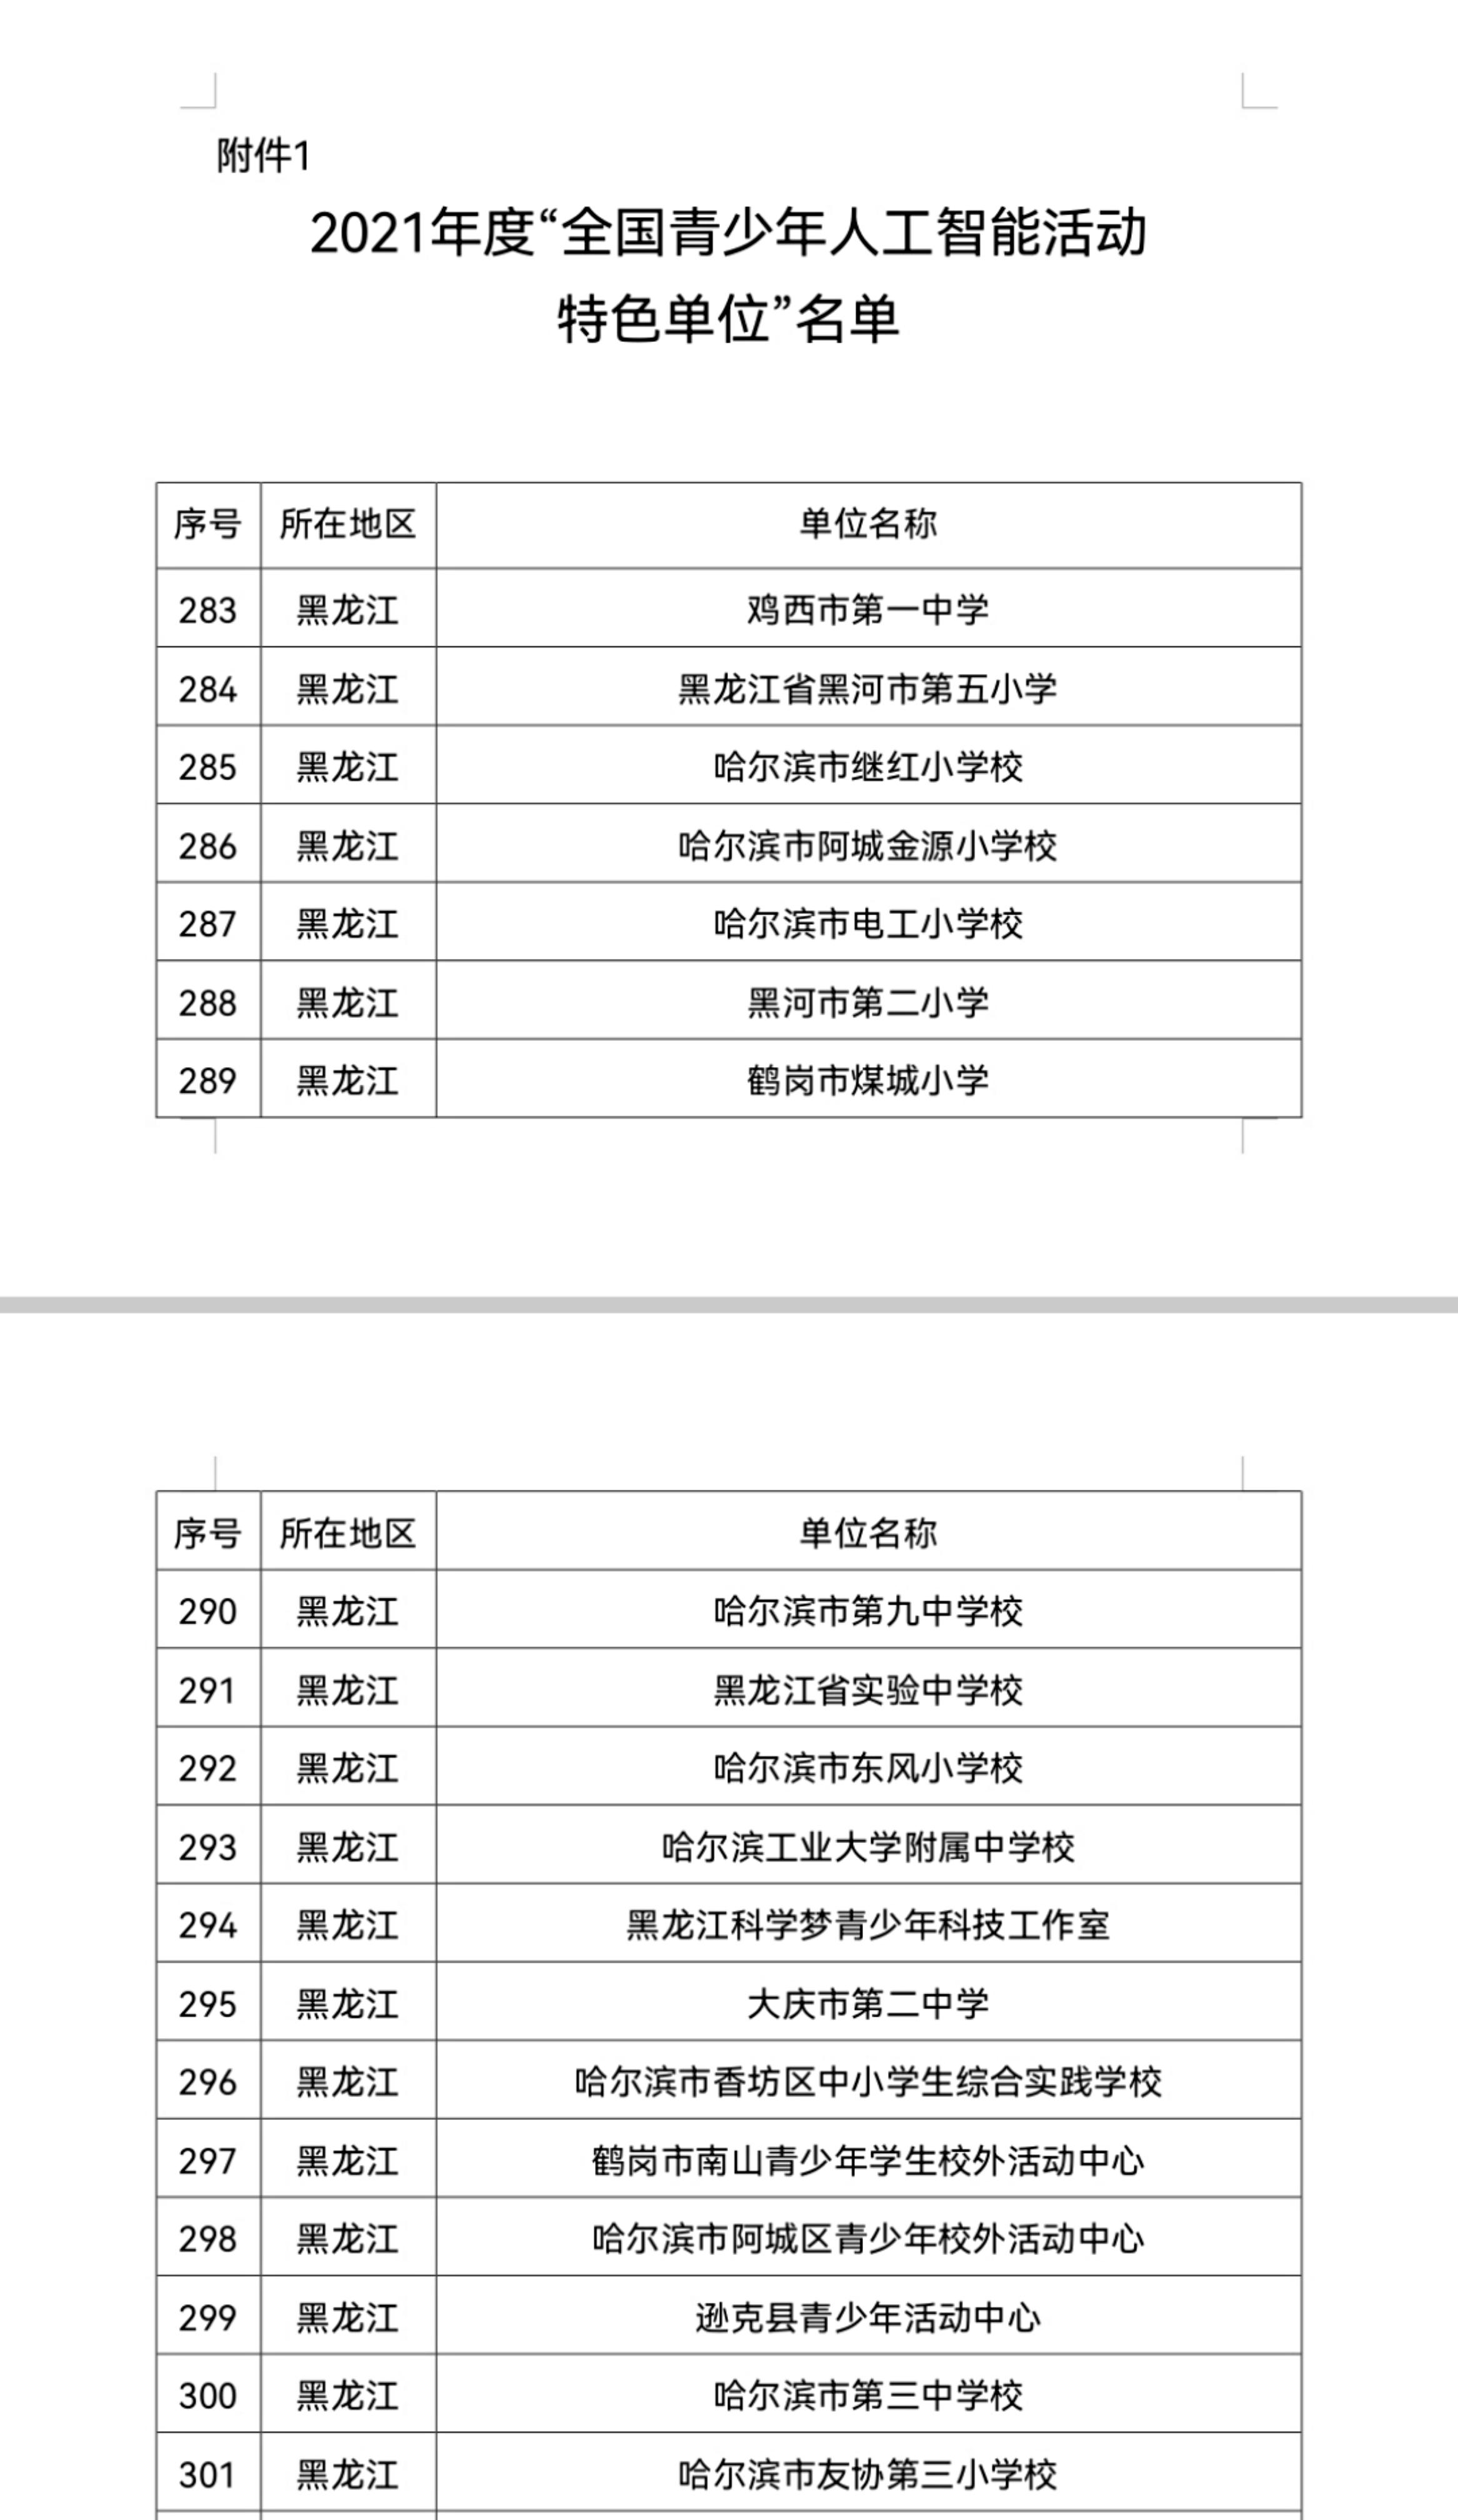 """""""全国青少年人工智能活动特色单位""""称号名单公布,黑龙江省19所学校上榜"""